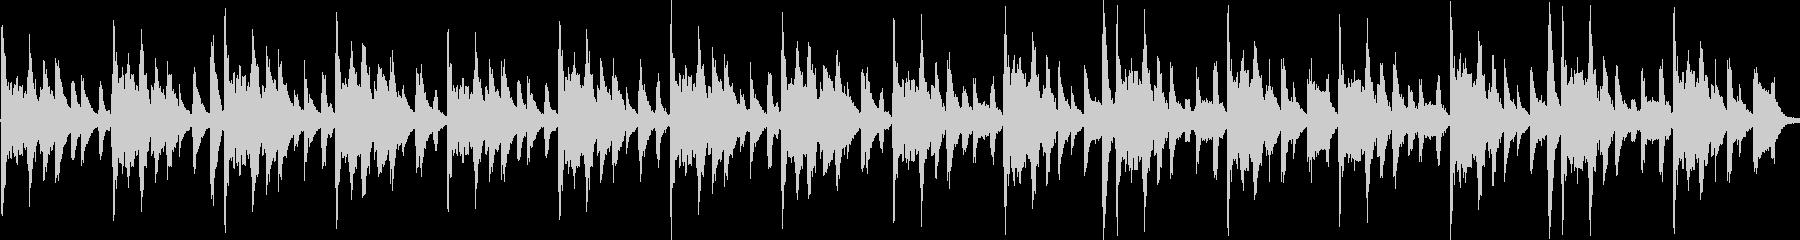 木琴メインかわいいシンキングタイムBGMの未再生の波形